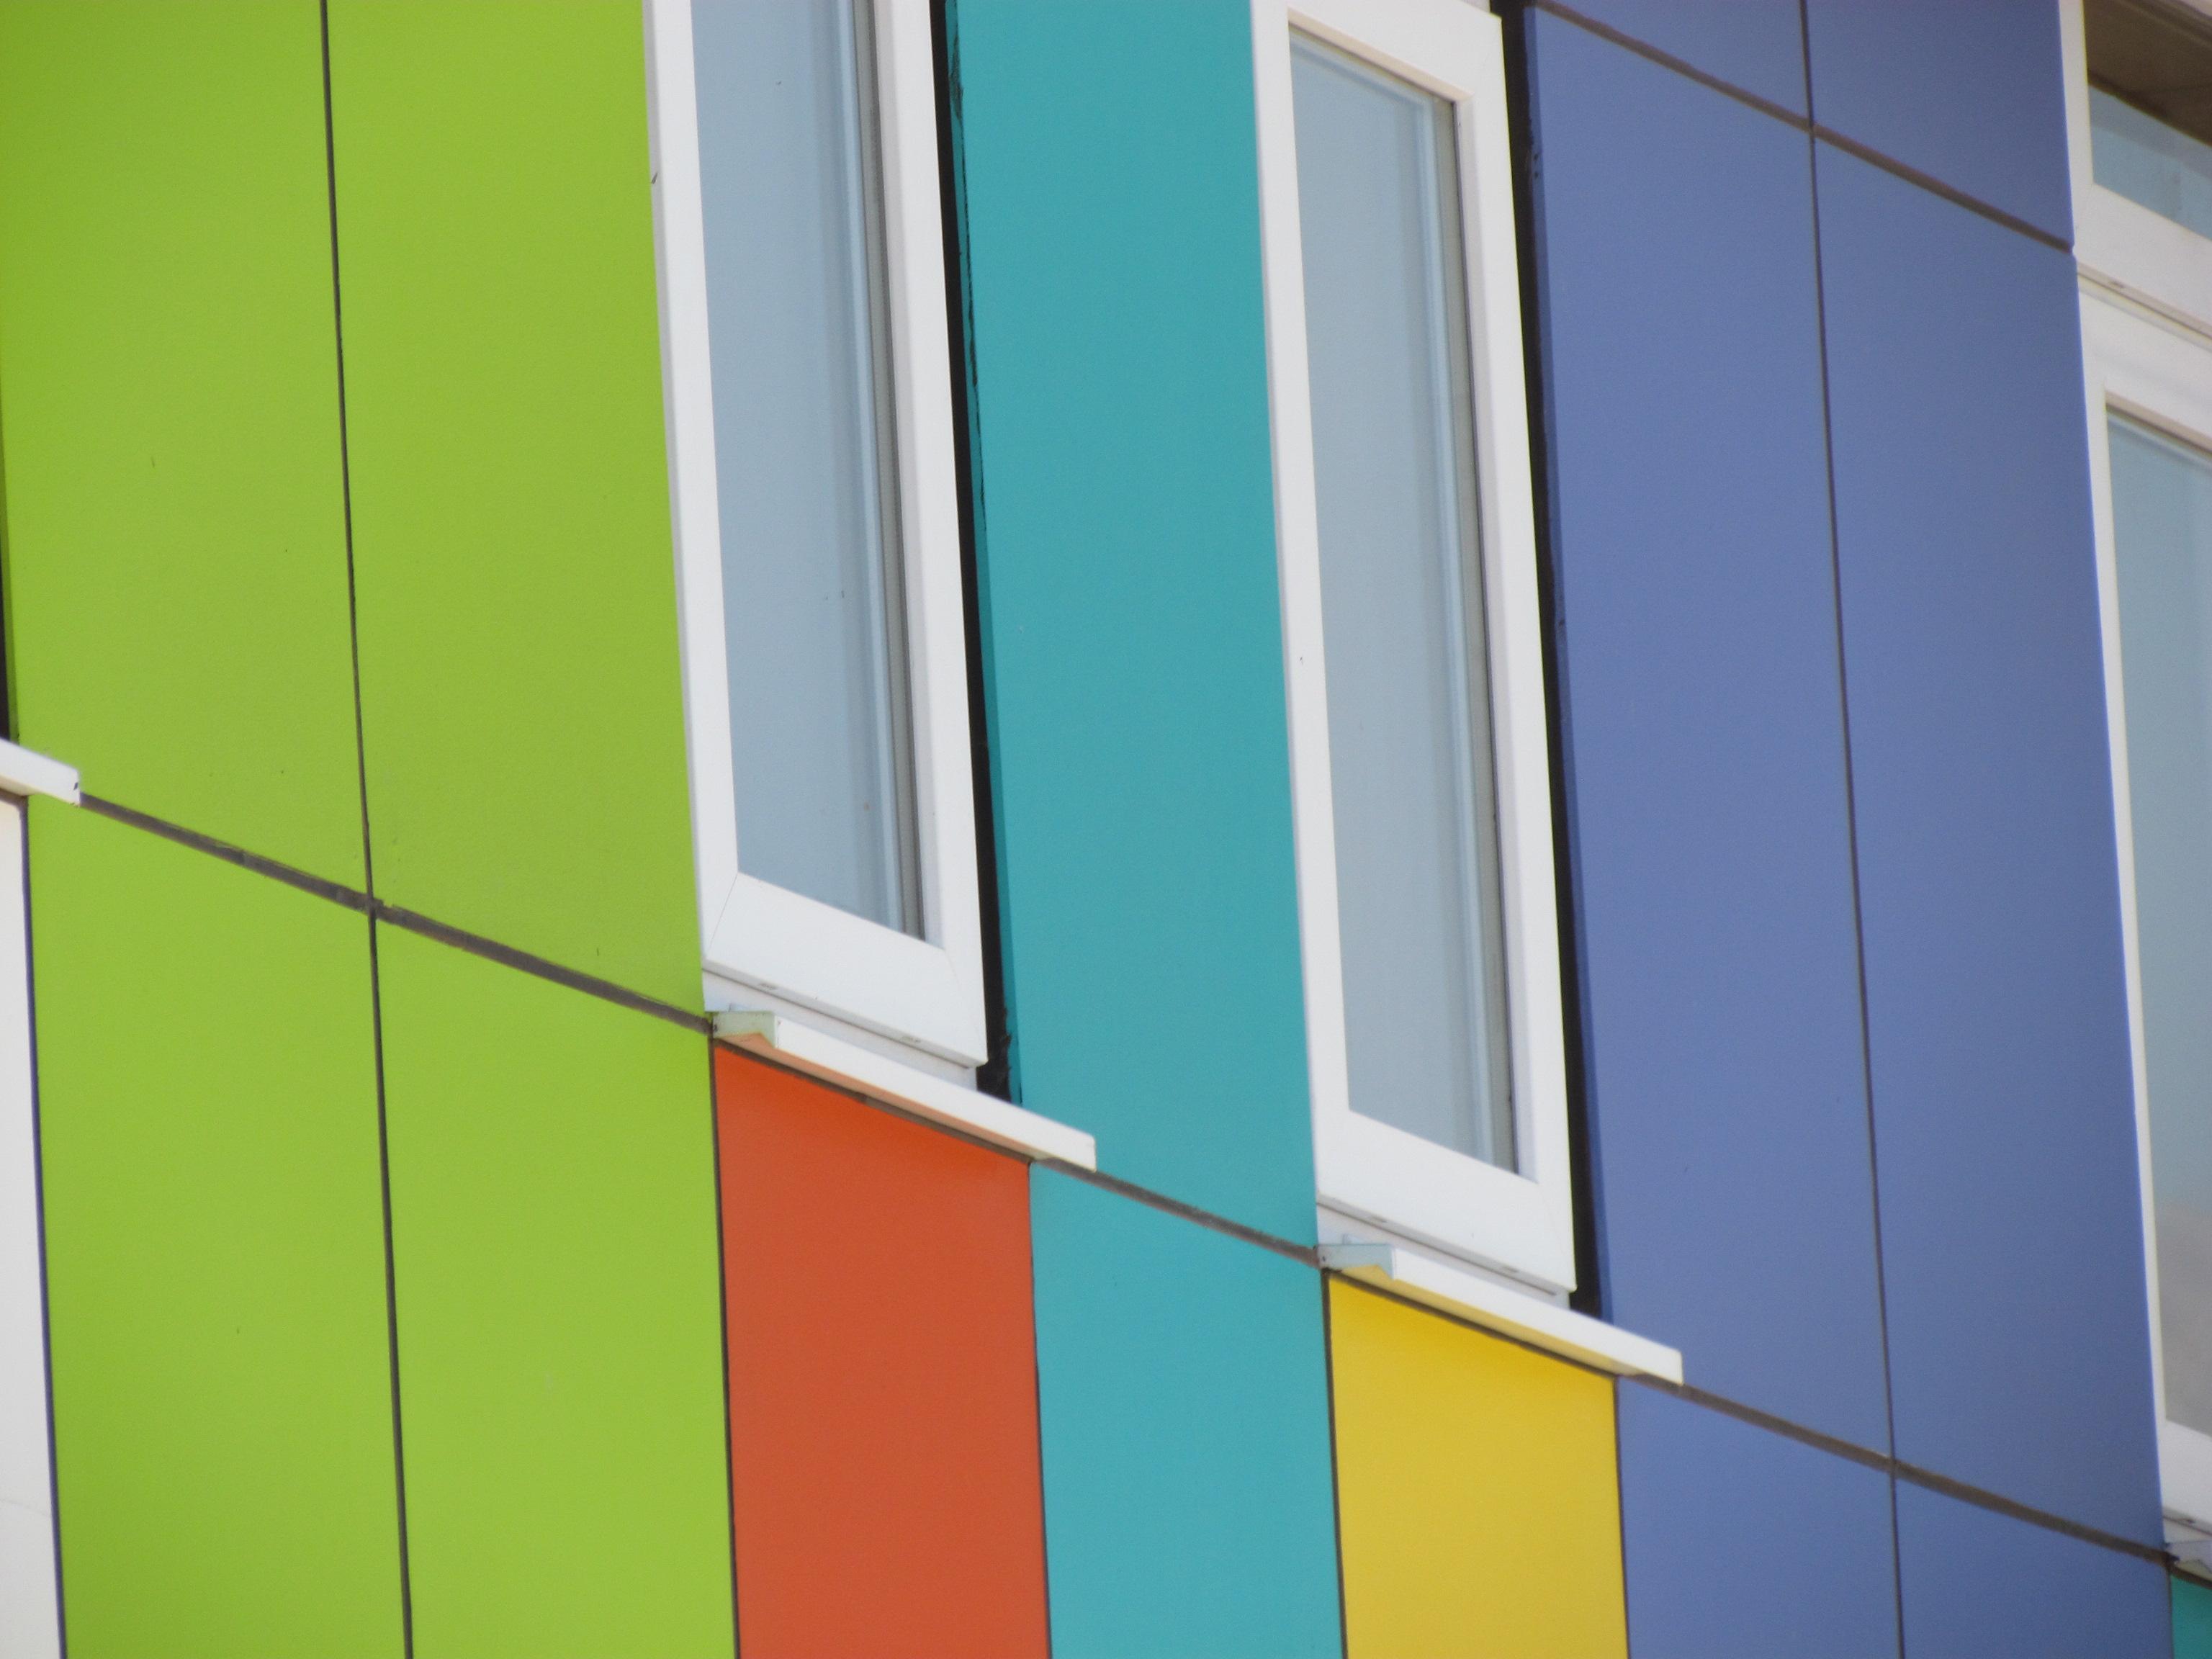 Molduras de aluminio para puertas madera portal genuardis - Molduras de madera para pared ...